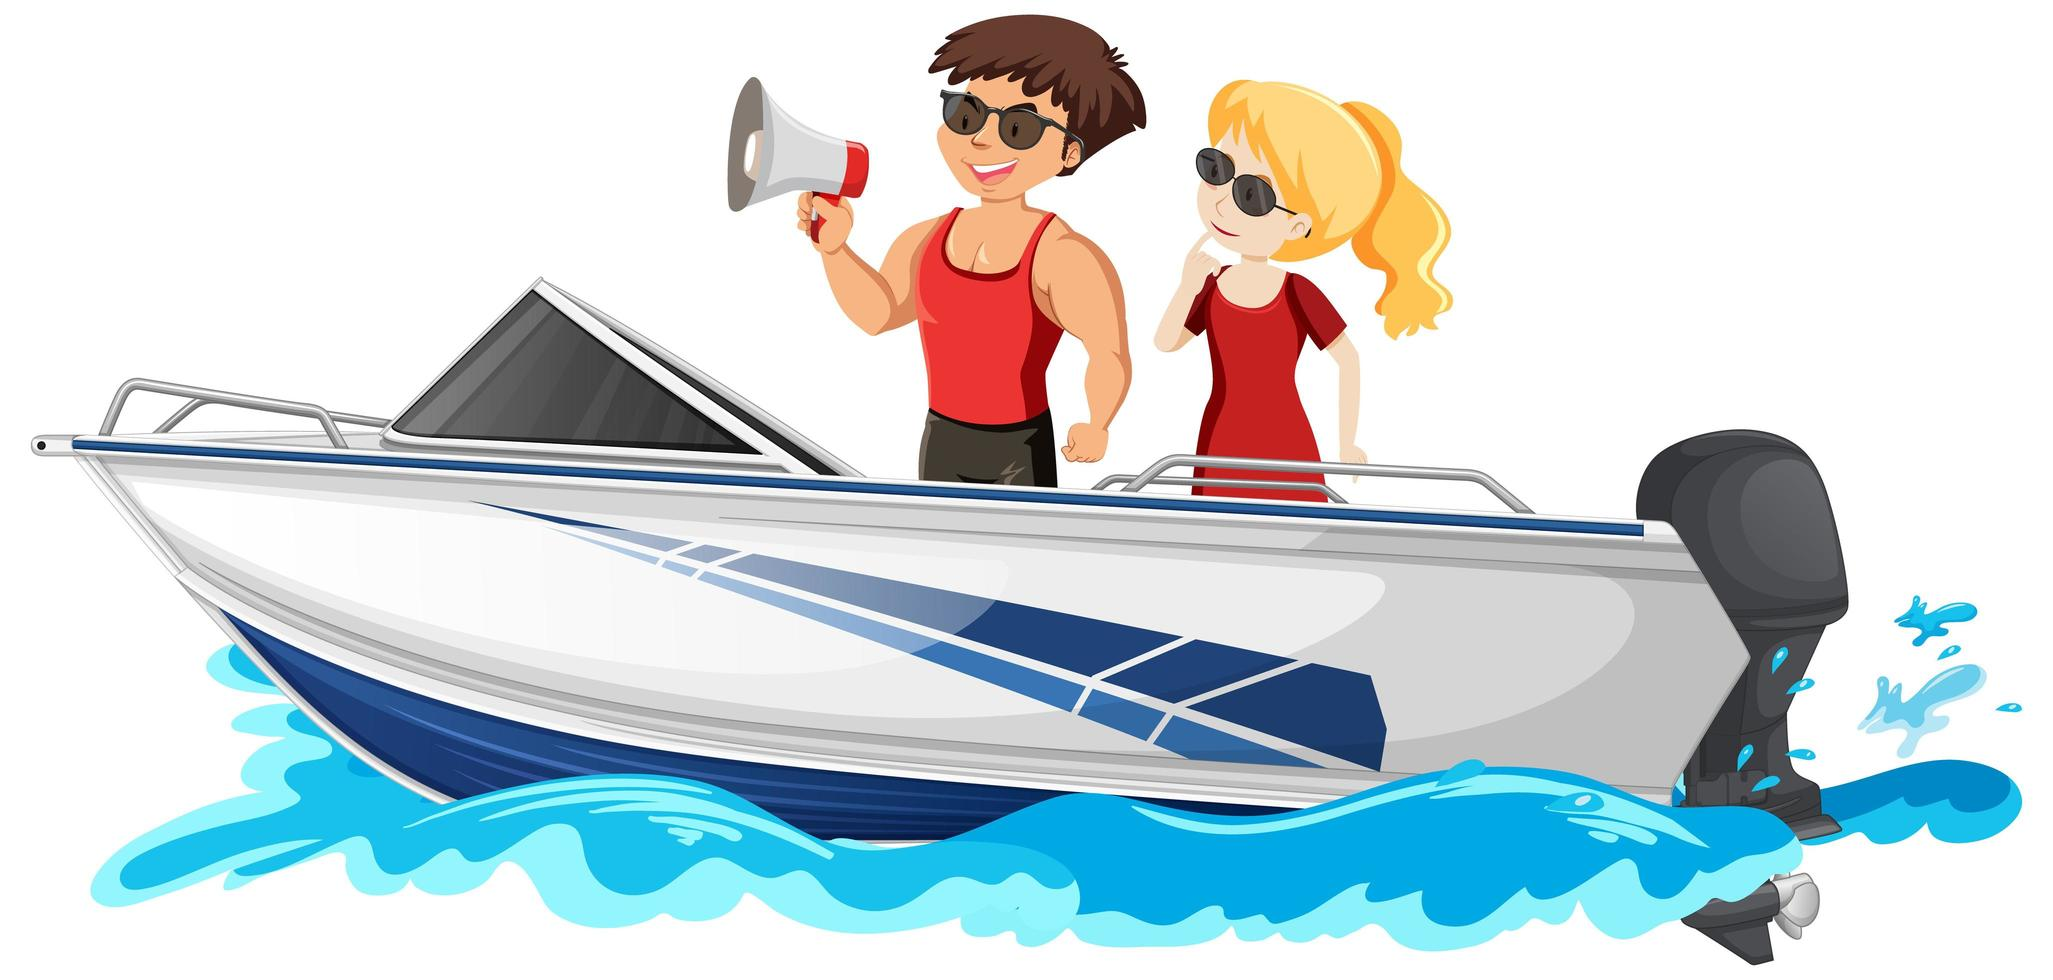 ein Paar, das auf einem Schnellboot steht, lokalisiert auf weißem Hintergrund vektor